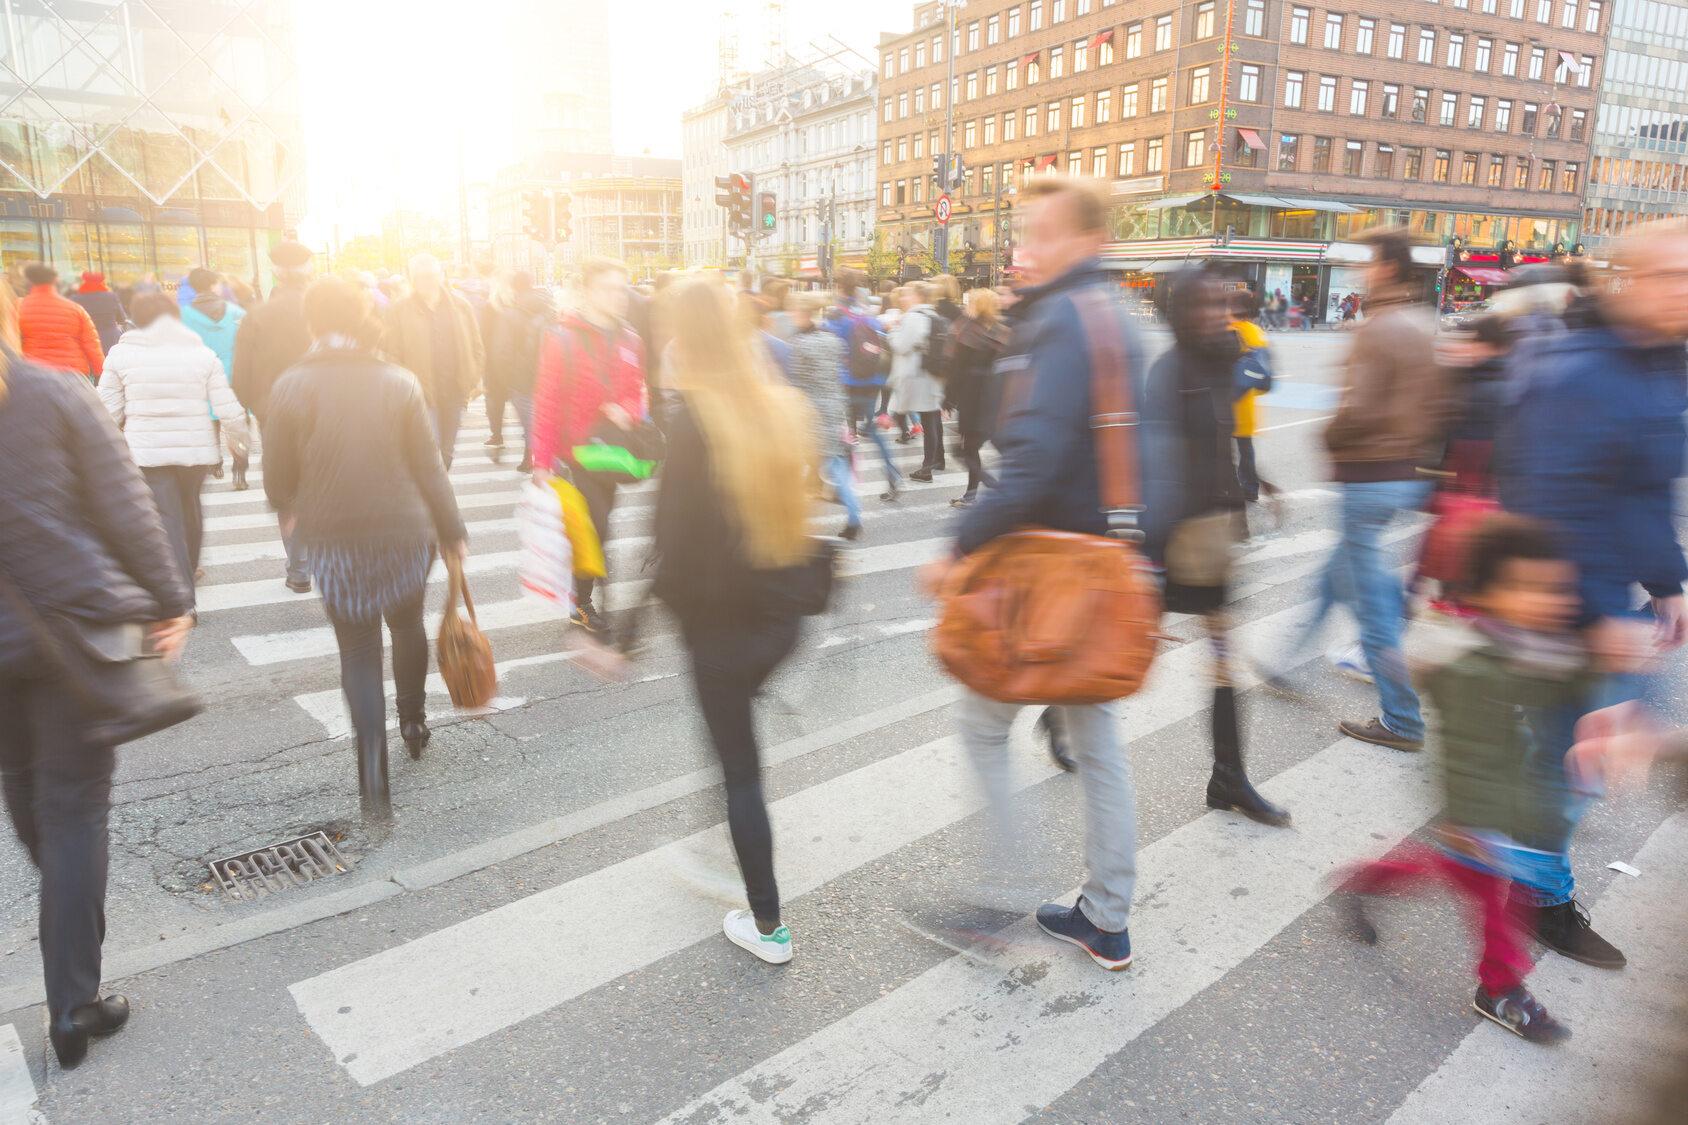 Tłum ludzi, zdjęcie ilustracyjne